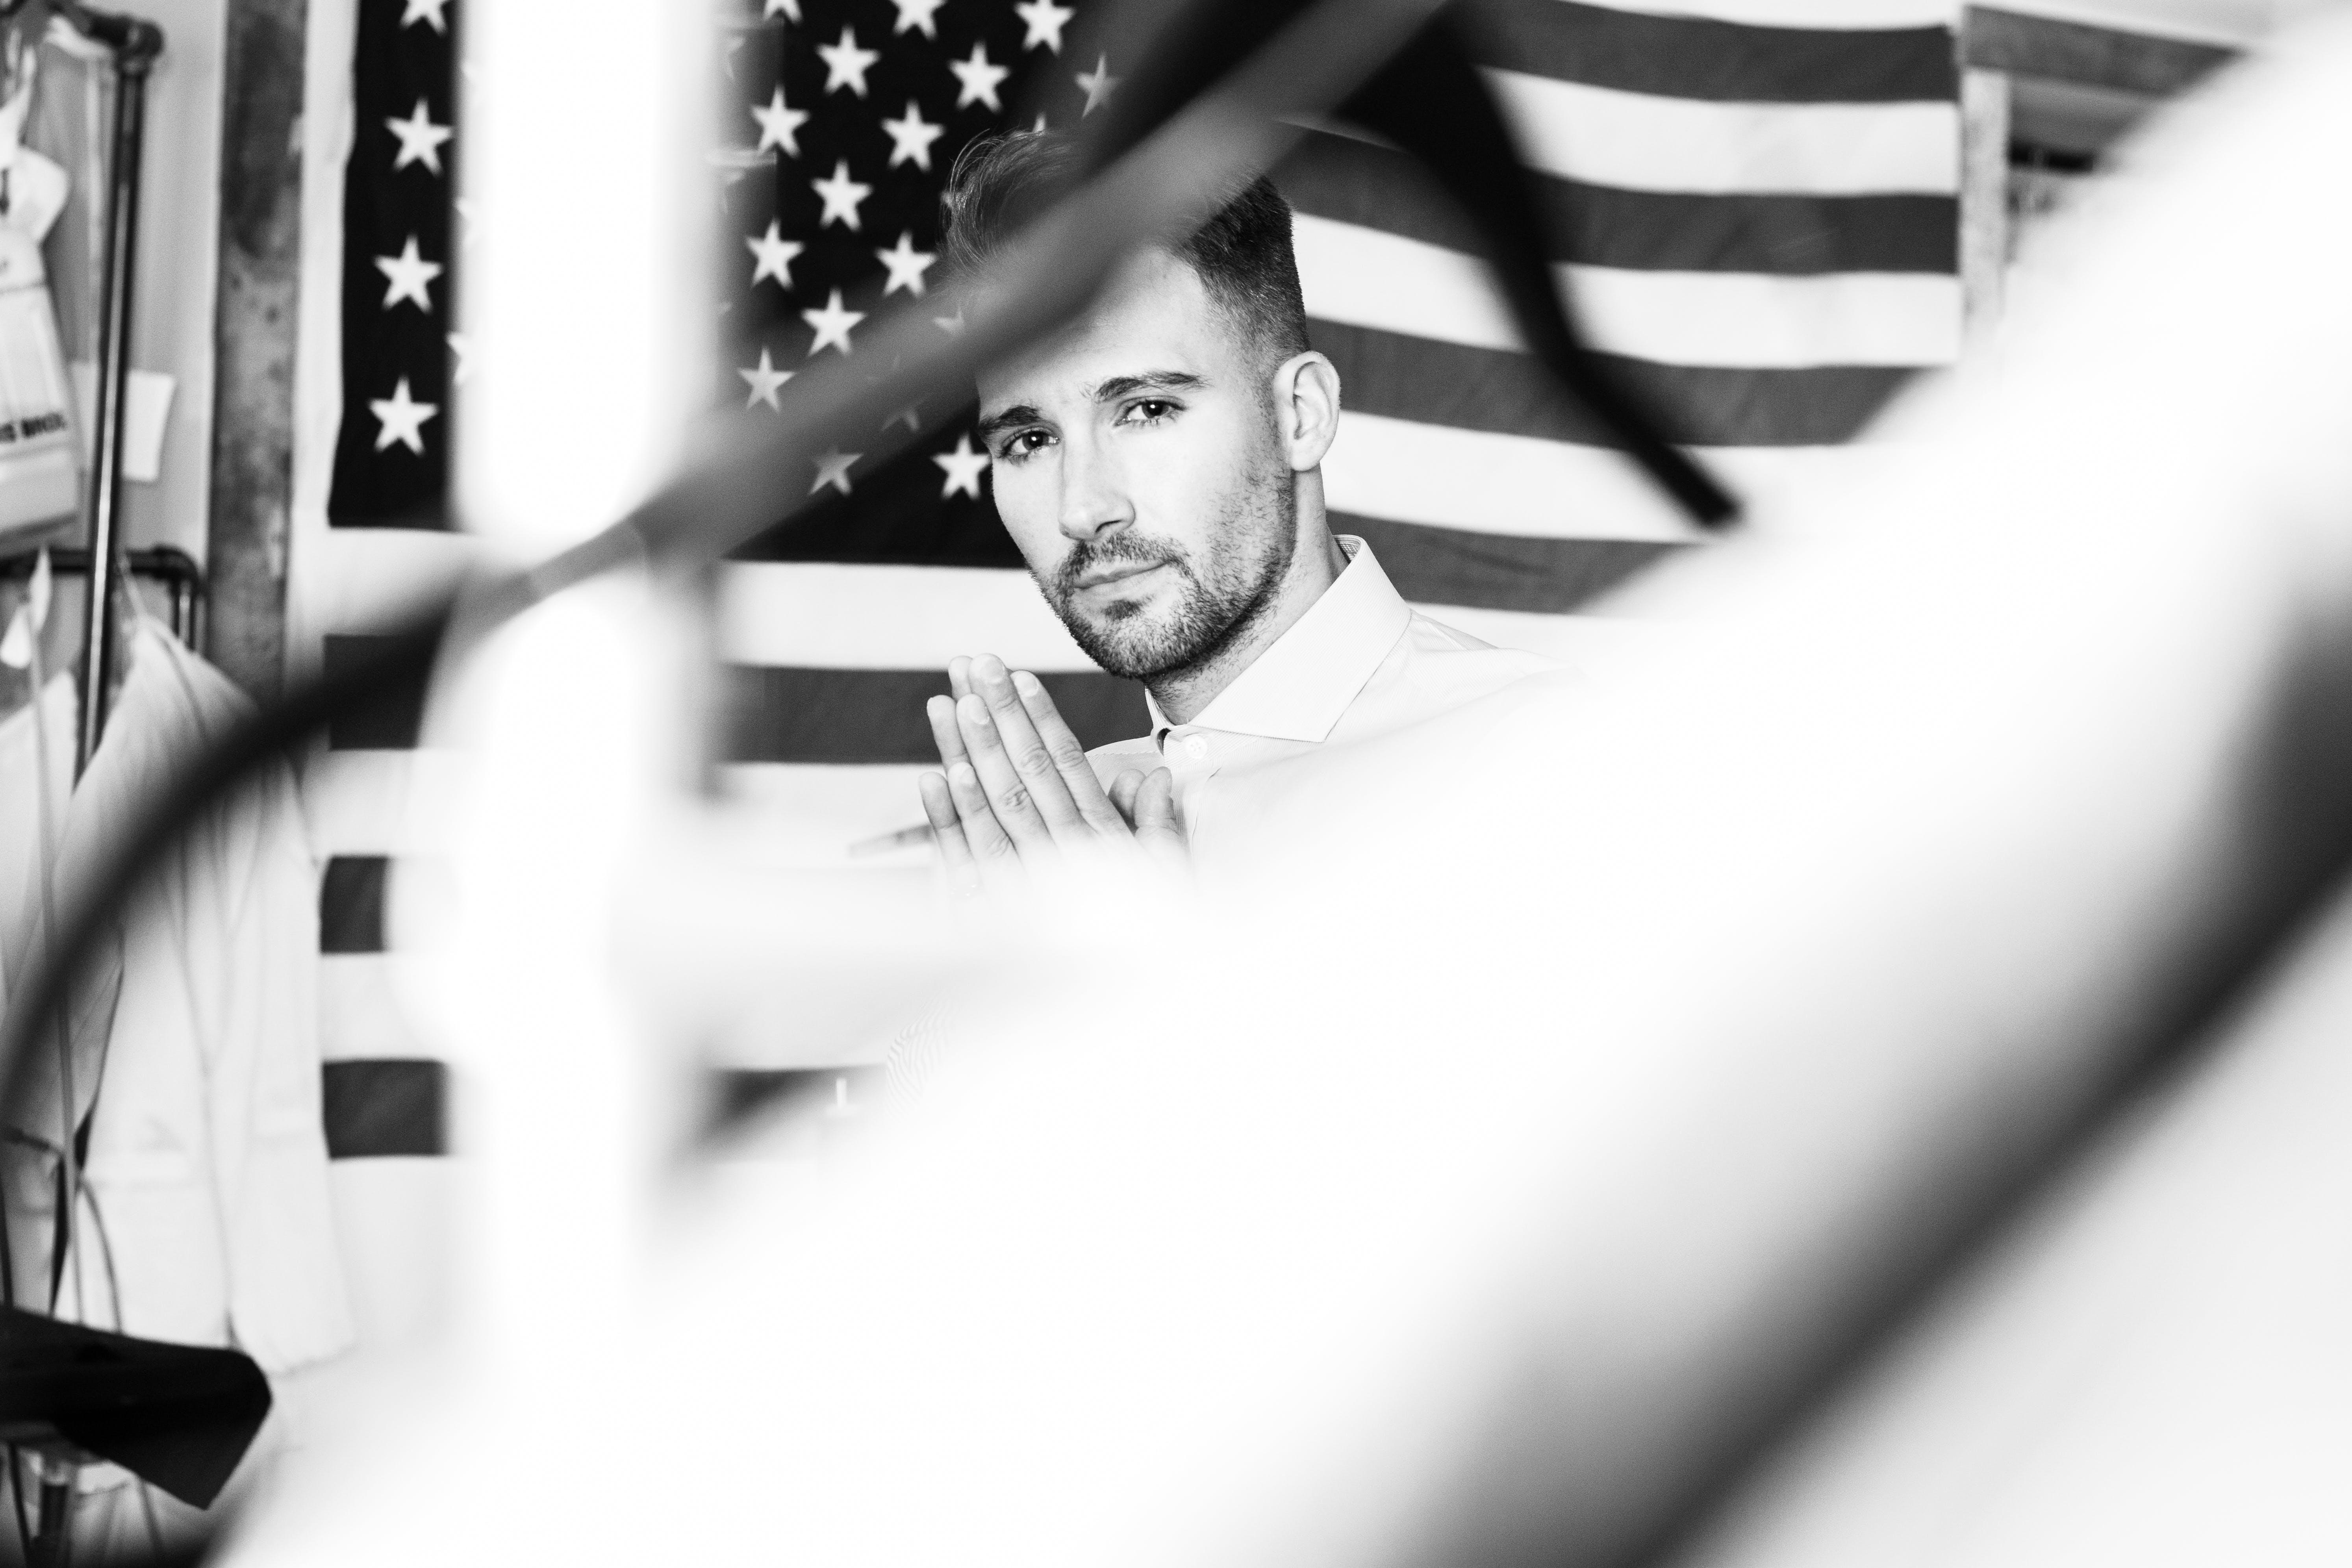 Základová fotografie zdarma na téma Americká vlajka, armáda, dospělý, firma